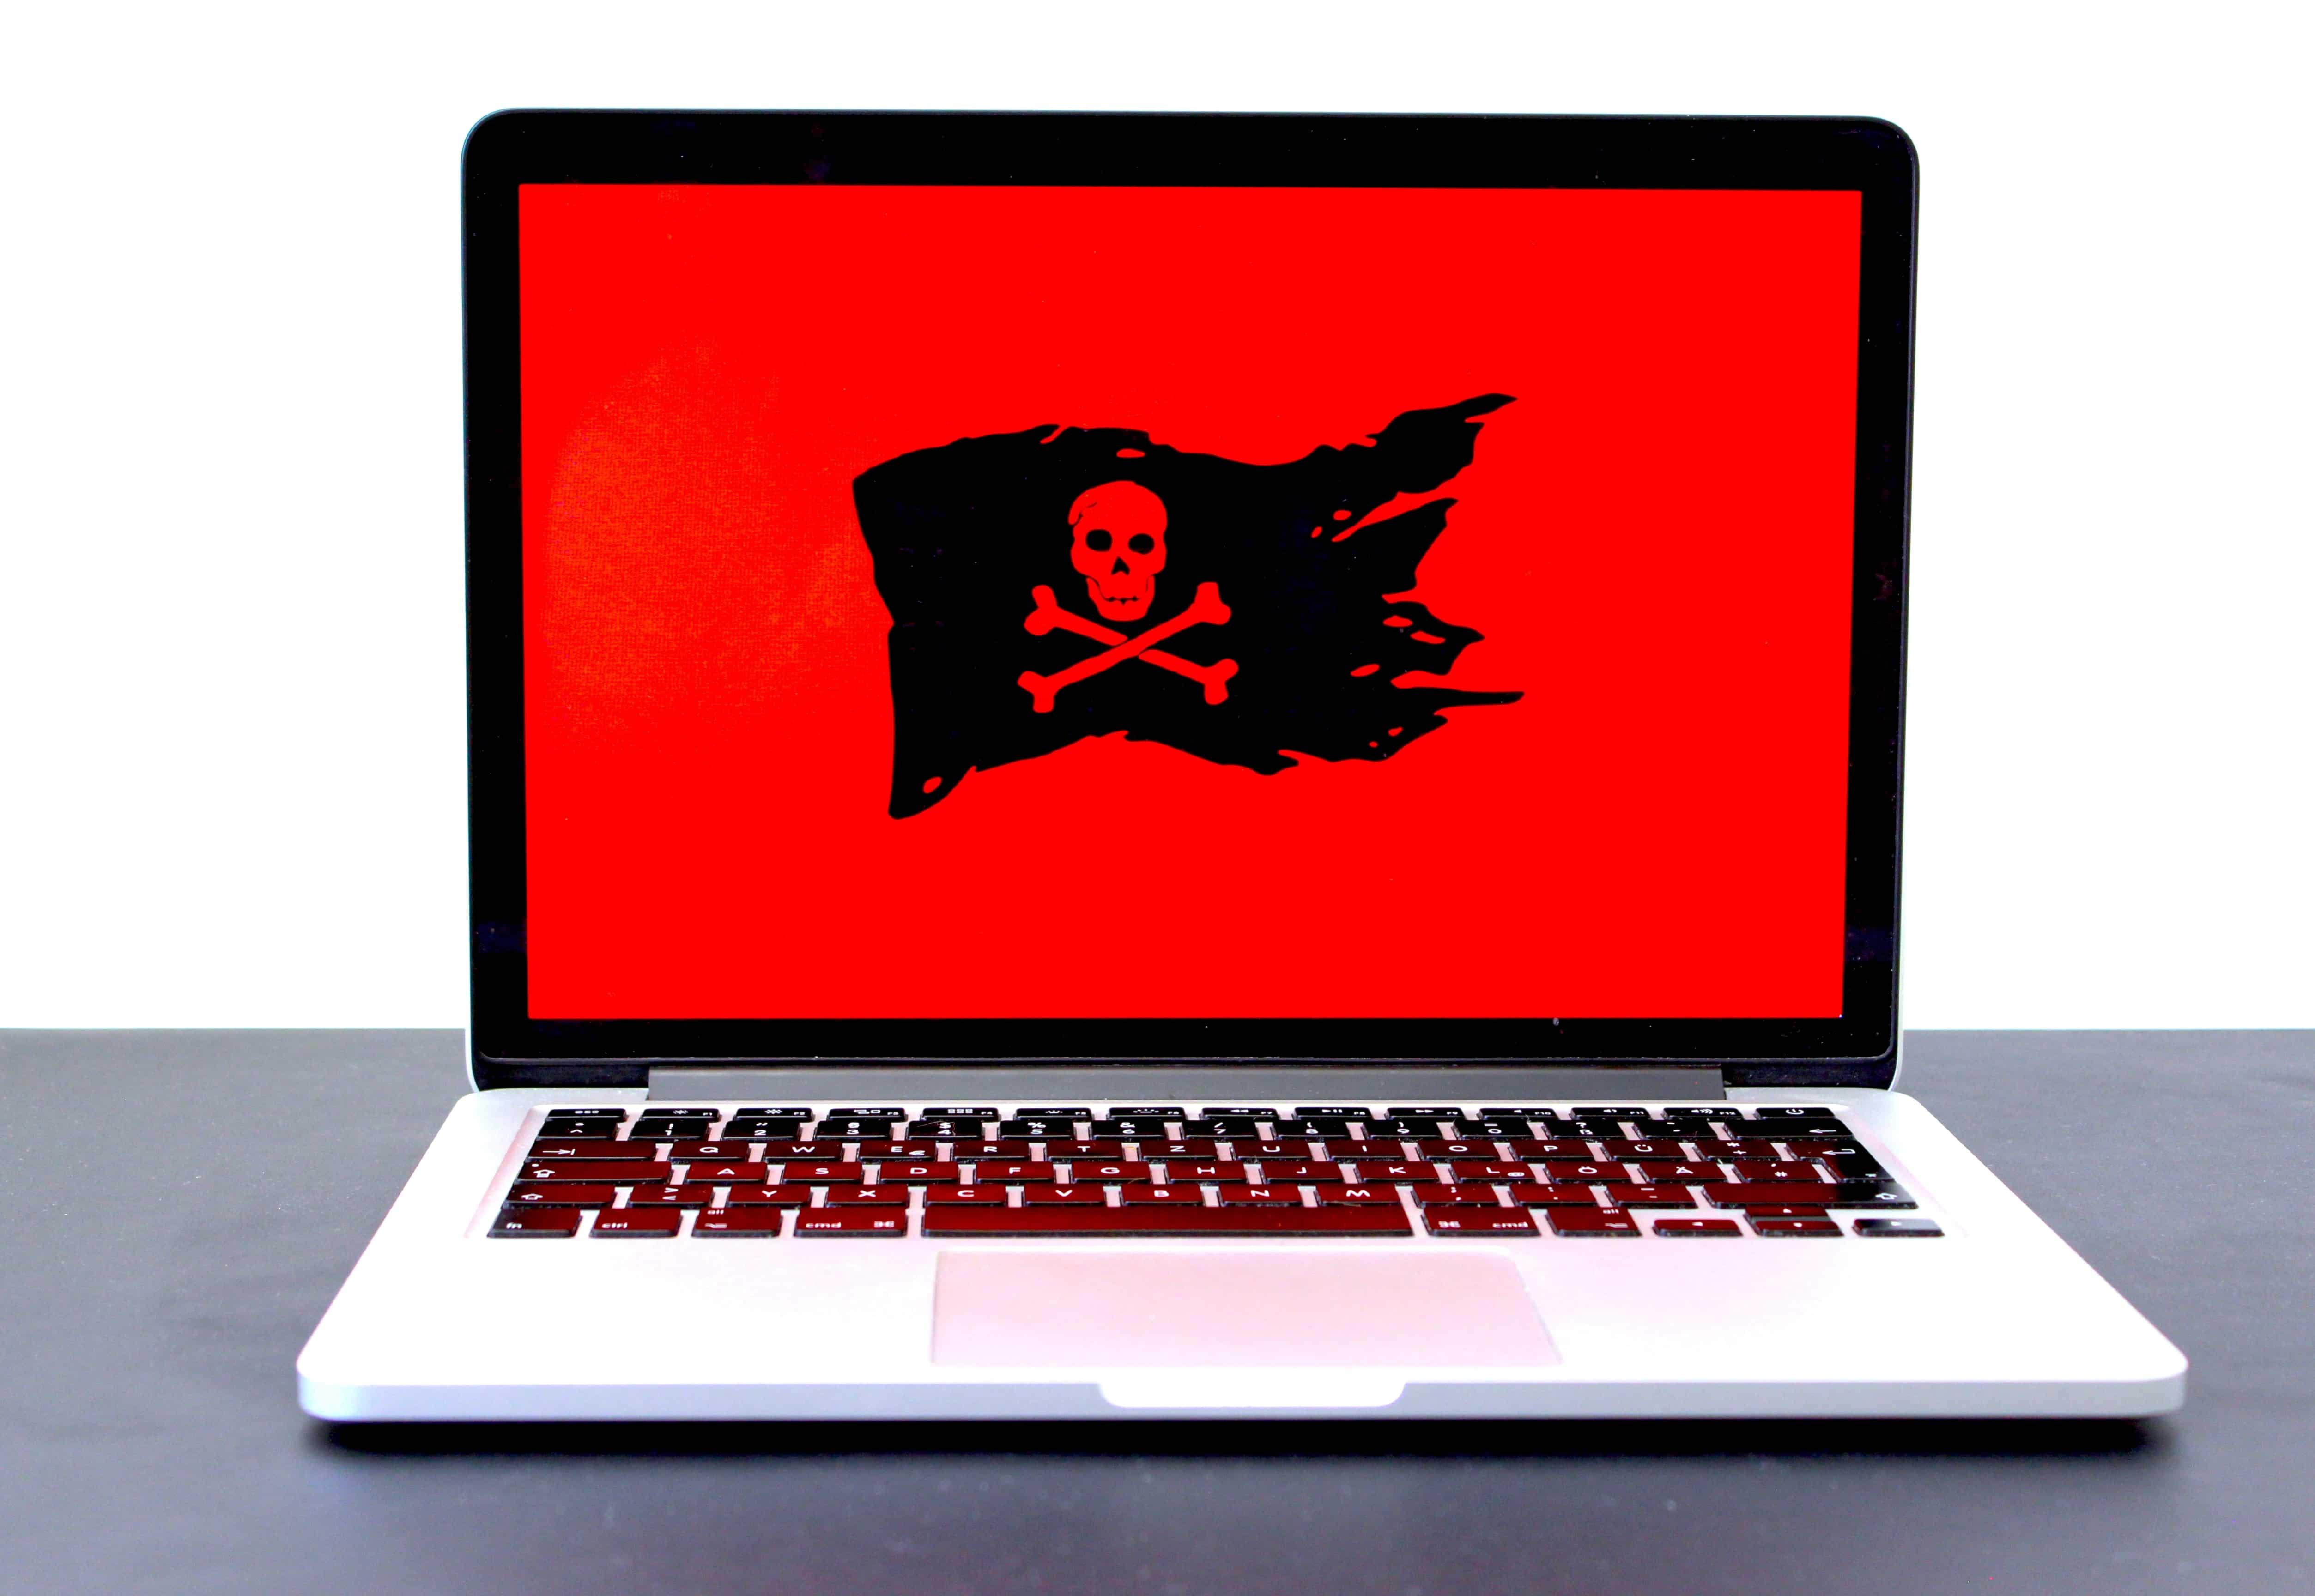 Waspadai malware yang mengintai saat menggunakan internet banking